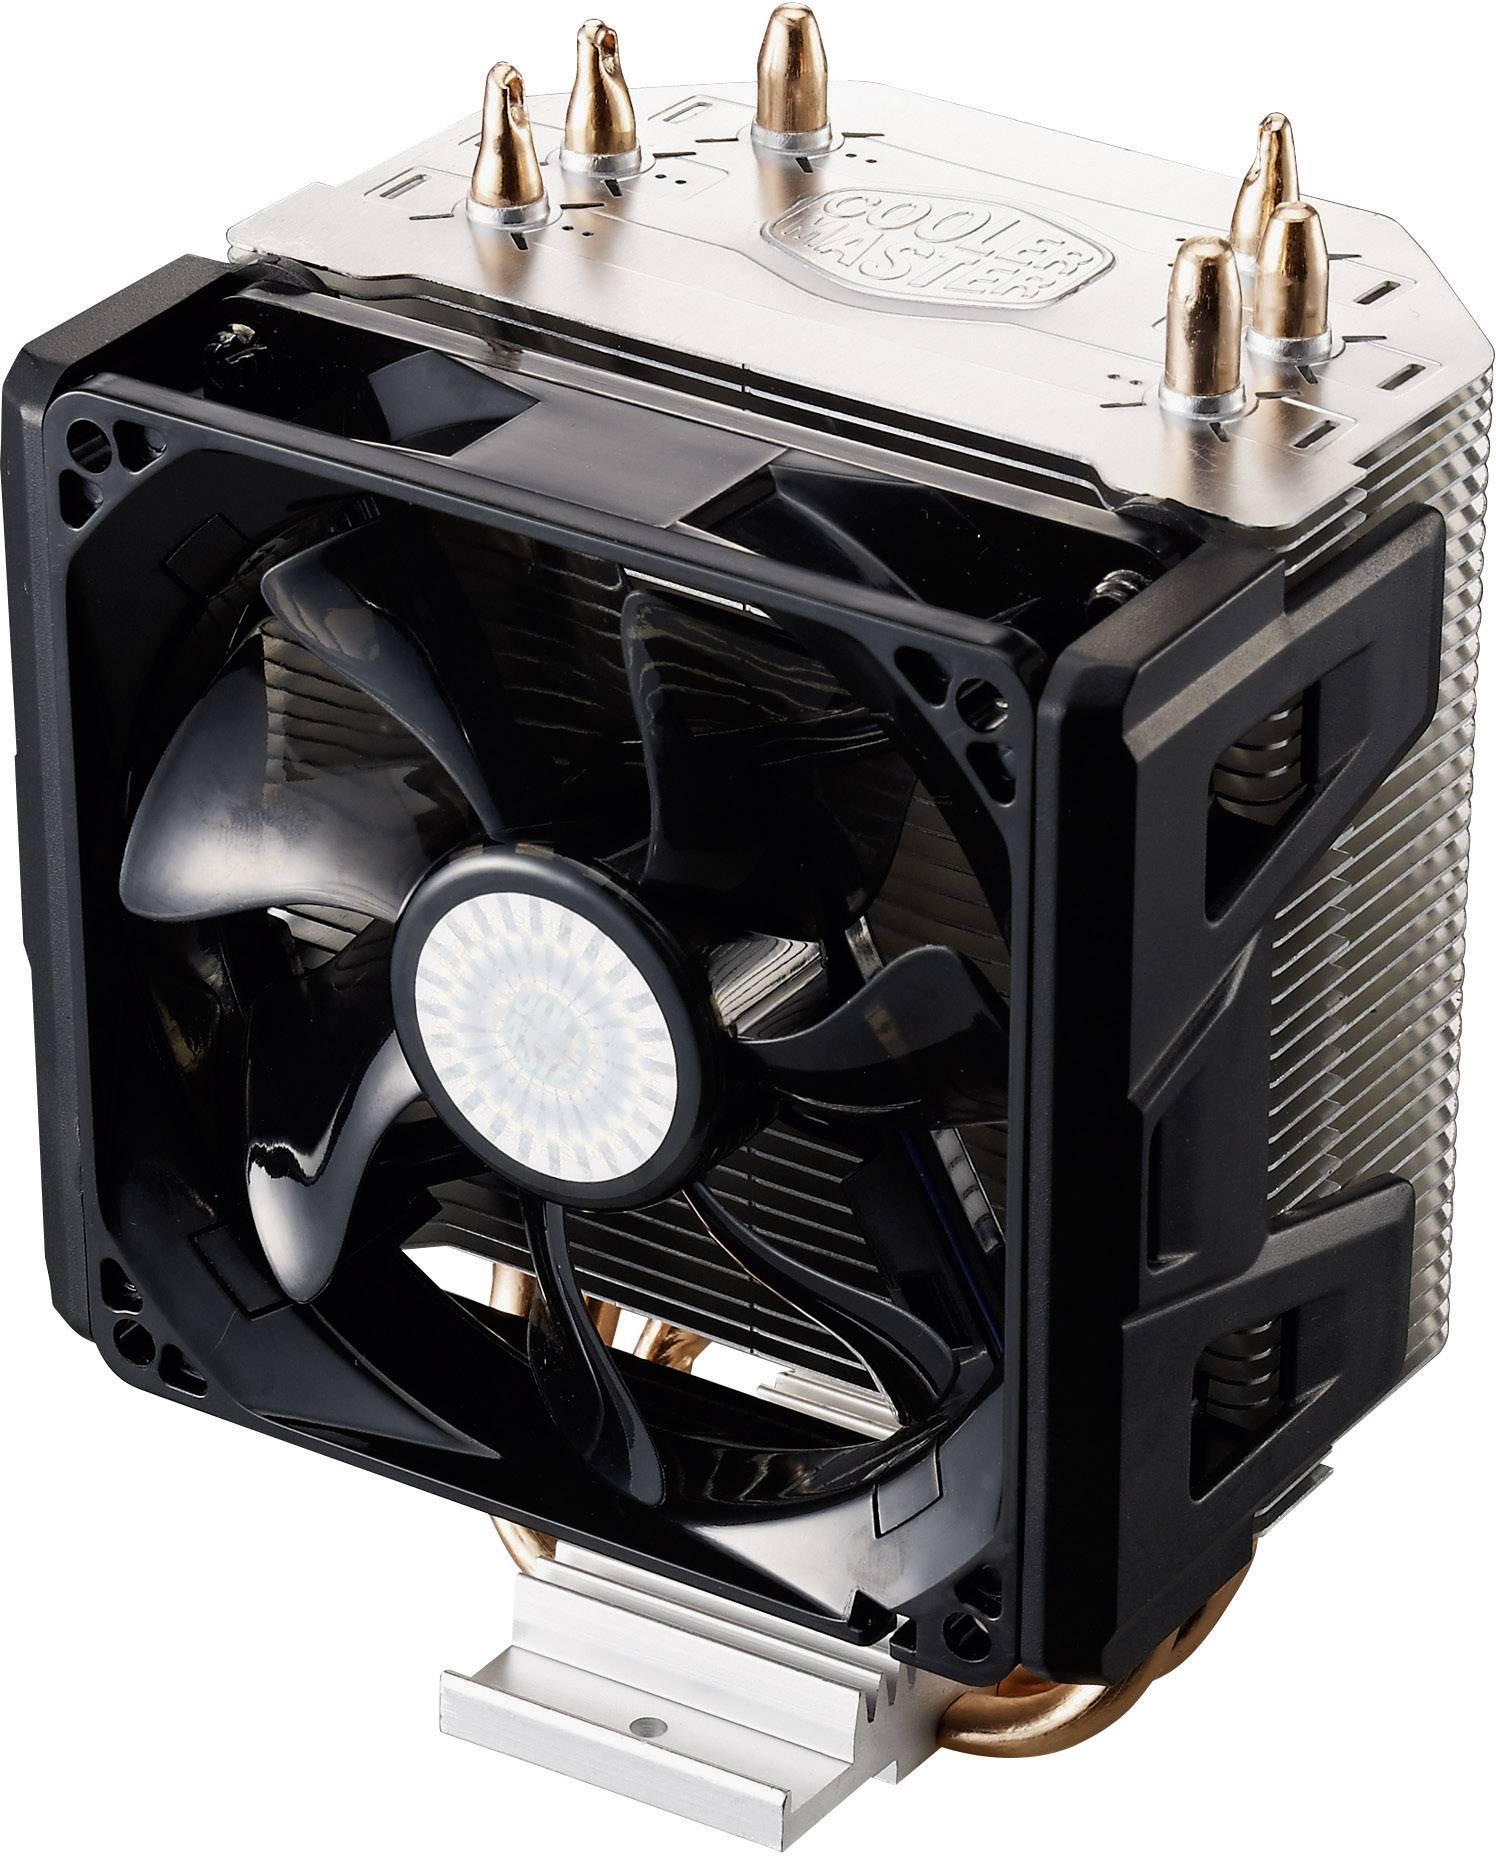 Dissipatore per CPU con ventol